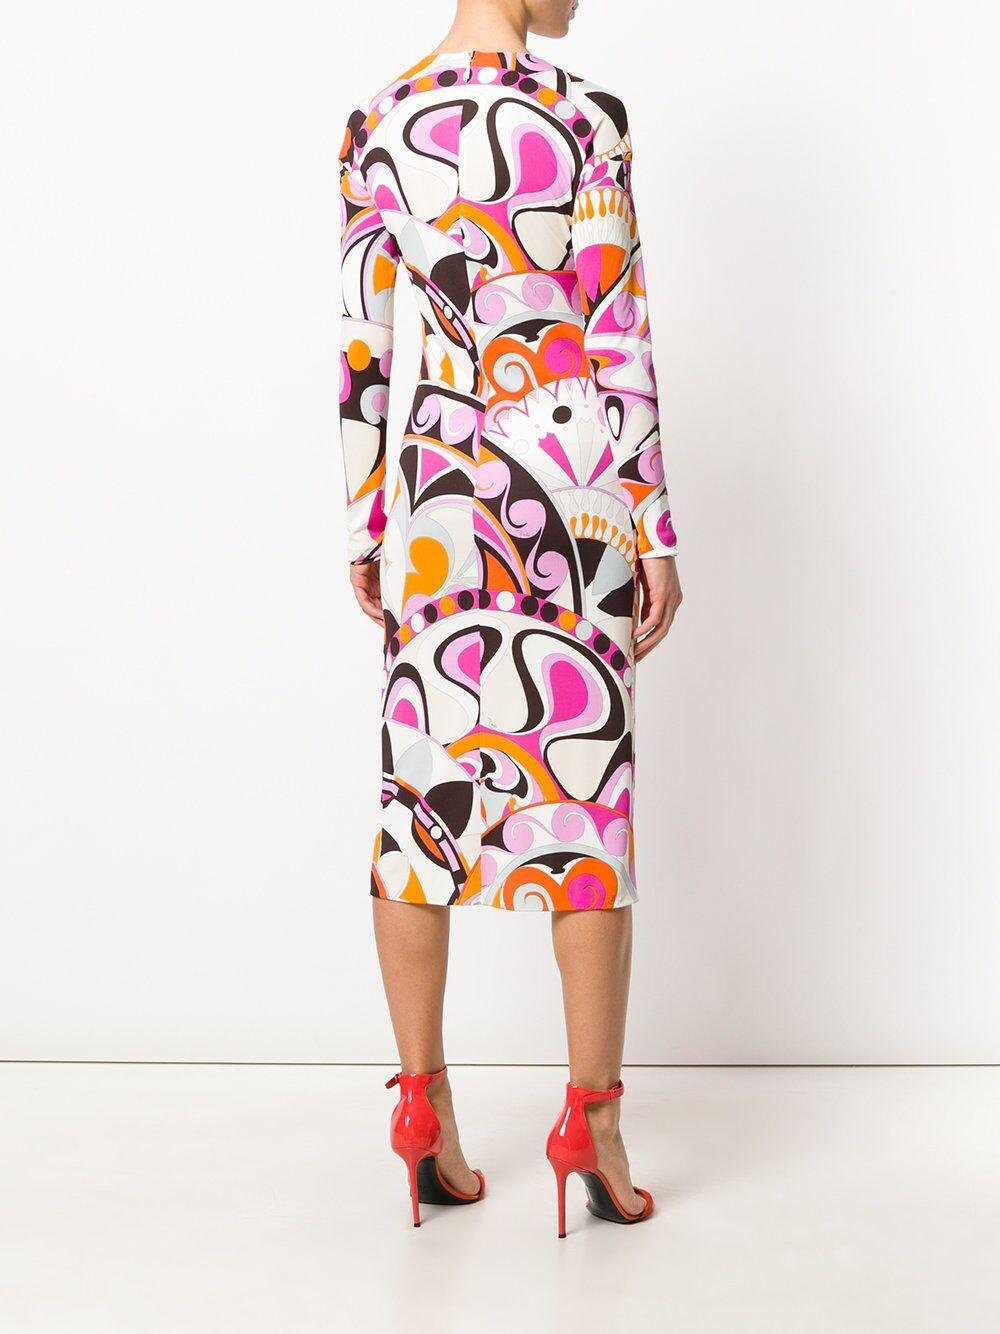 جديدة الأوروبية والأمريكية فستان وردي جولة طوق طويل الأكمام سليك جيرسي مرونة محبوك سليم طباعة اللباس-في فساتين من ملابس نسائية على  مجموعة 3